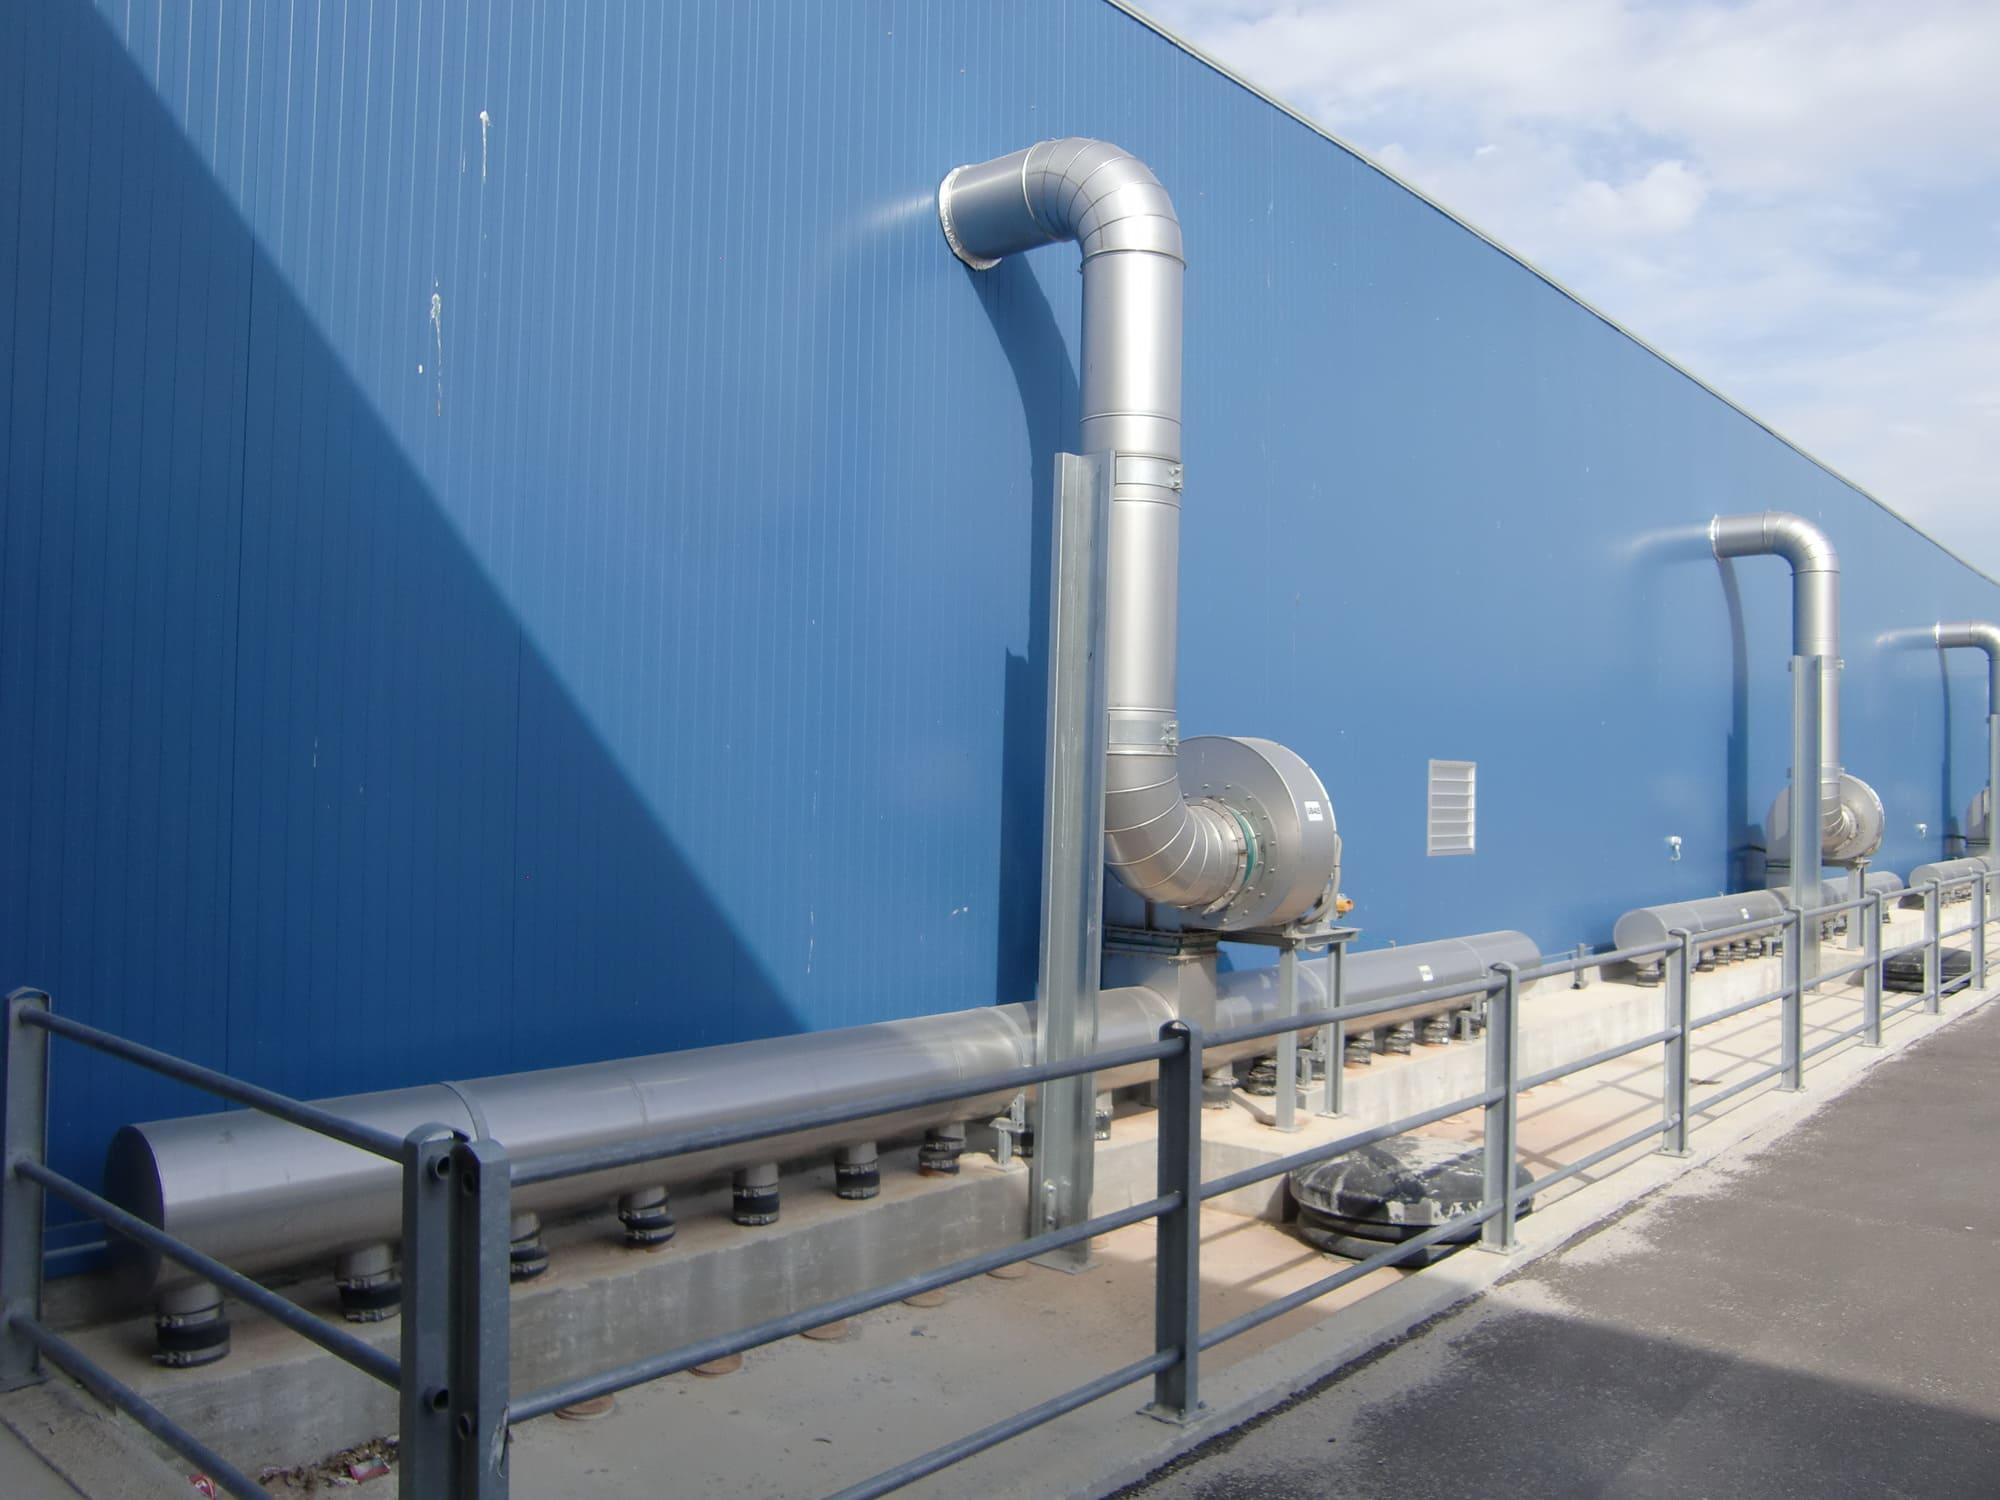 dettaglio-linea-aspirazione-impianto-compostaggio